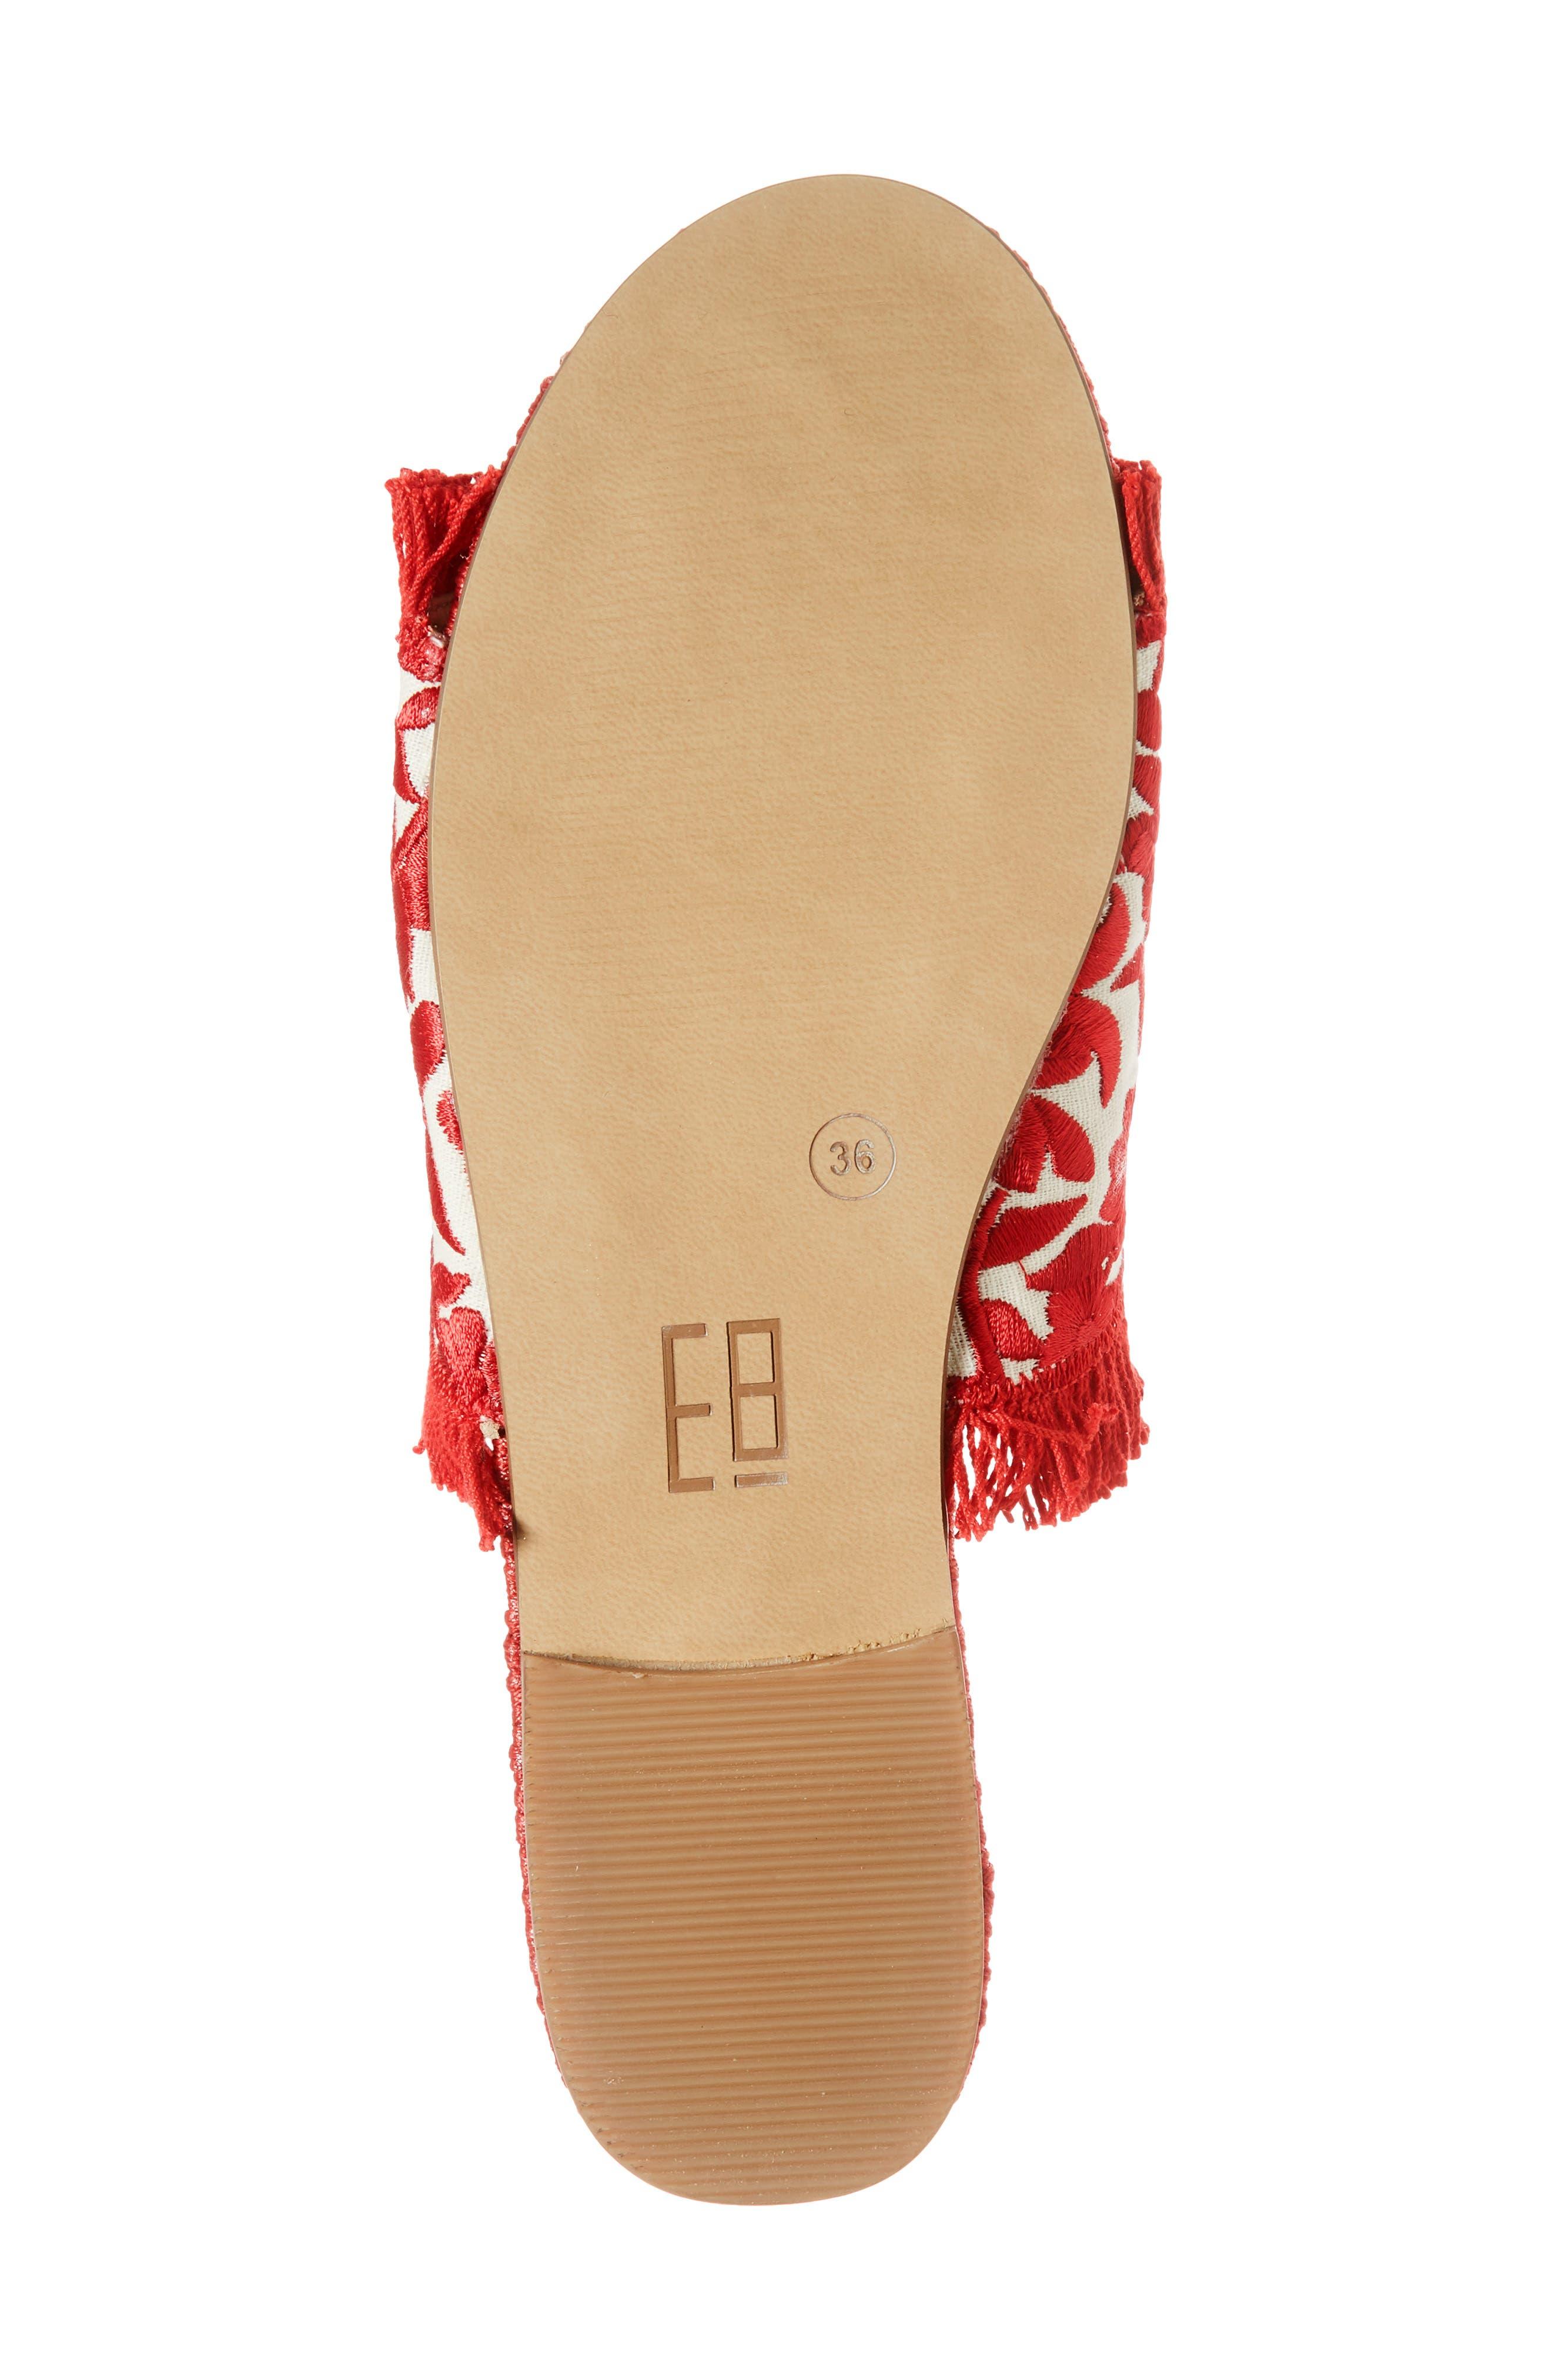 Tavie Fringed Slide Sandal,                             Alternate thumbnail 6, color,                             Red/ Cream Fabric